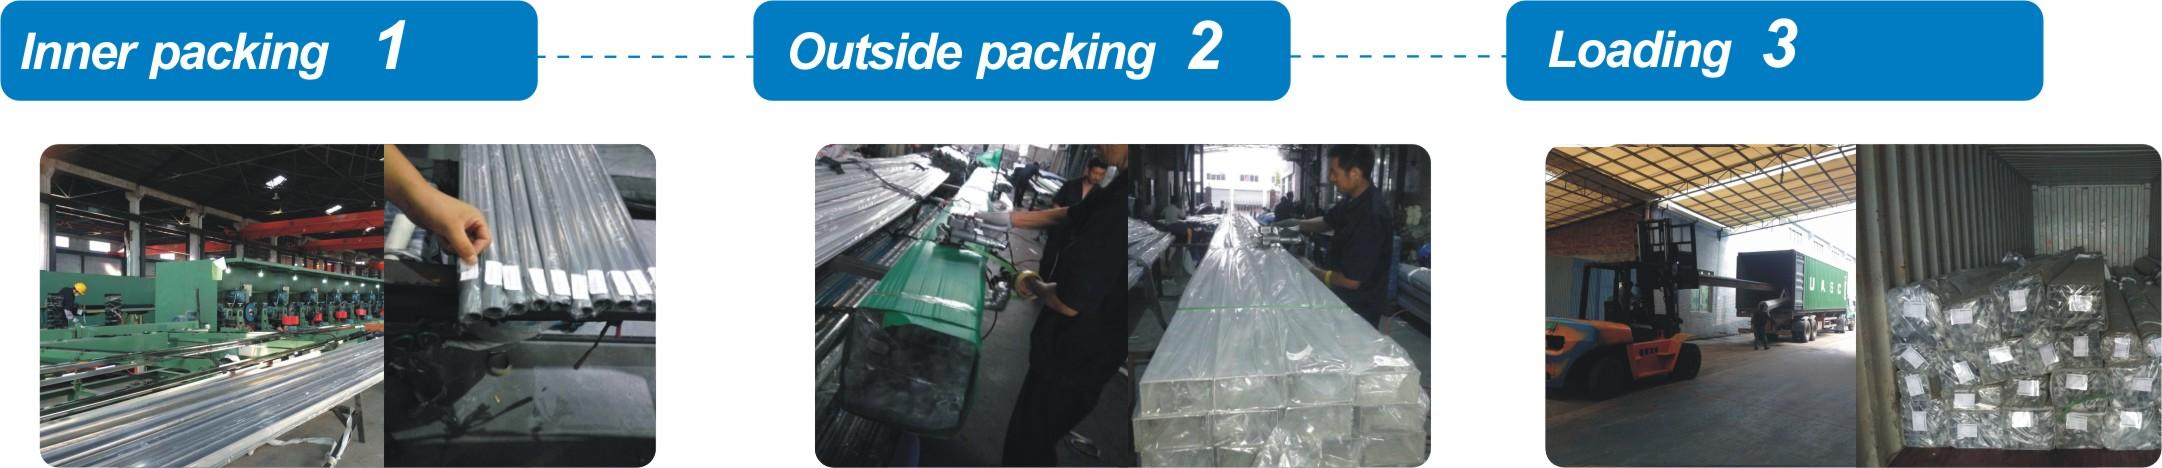 packaging list